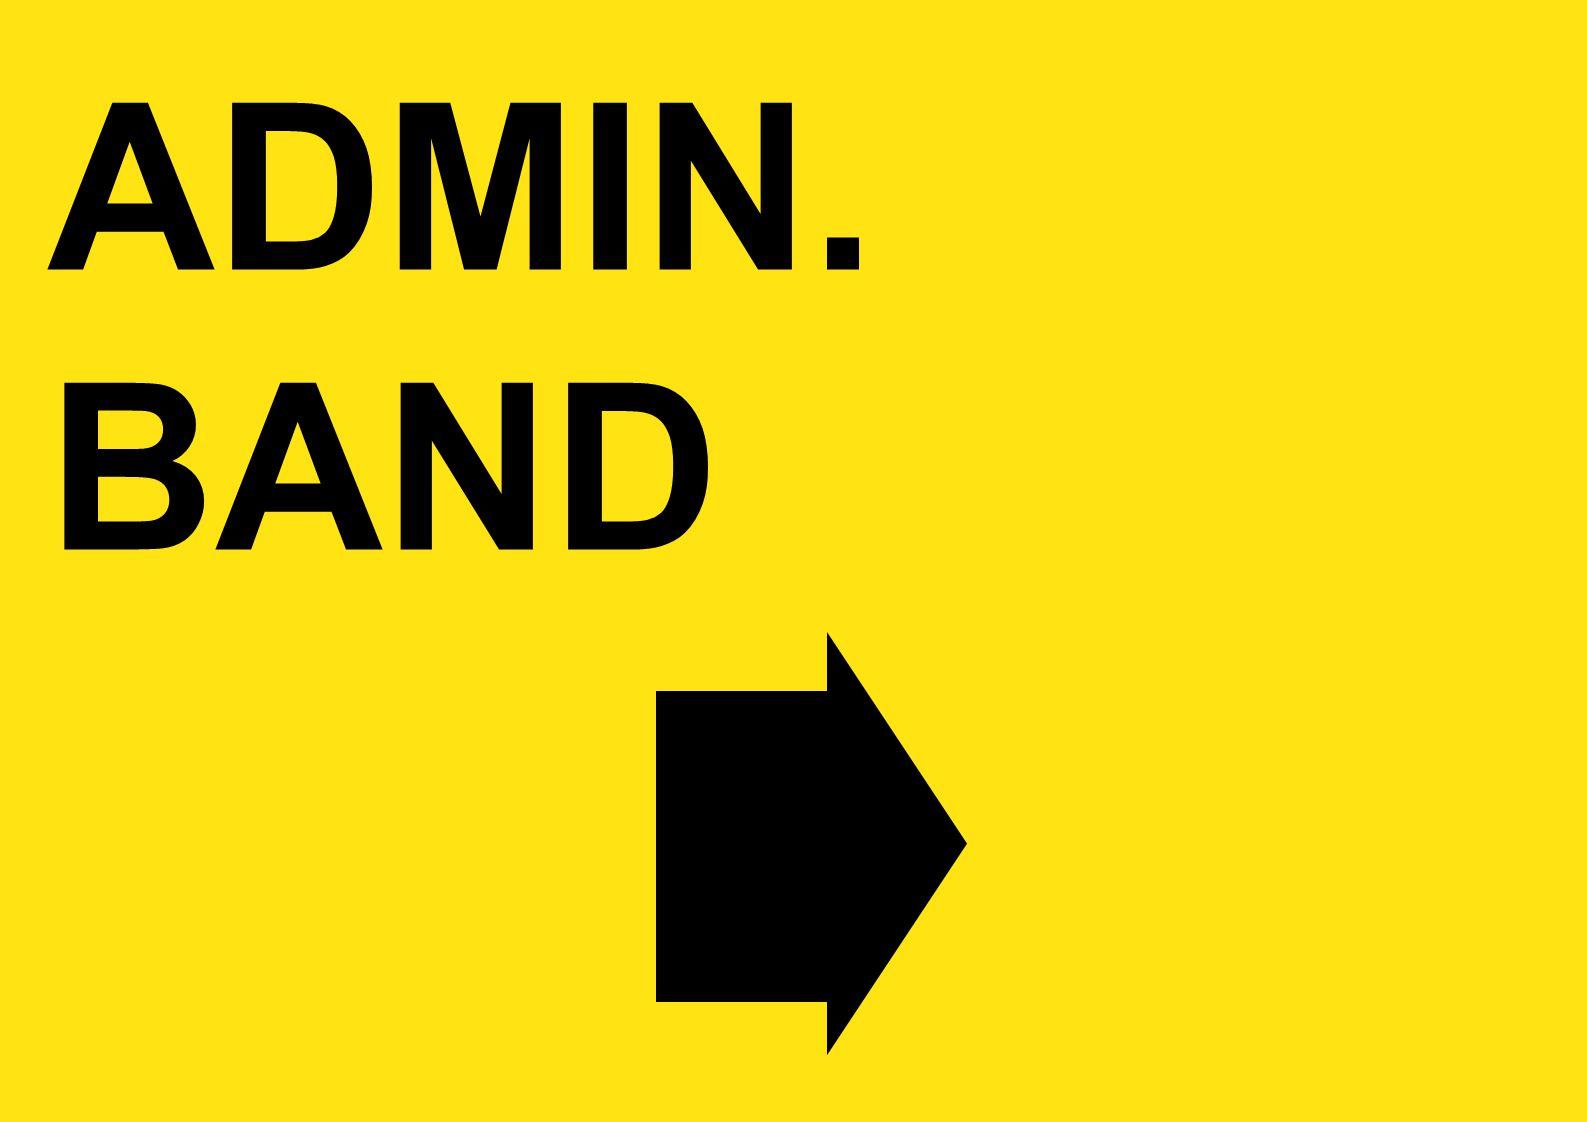 ADMIN. BAND